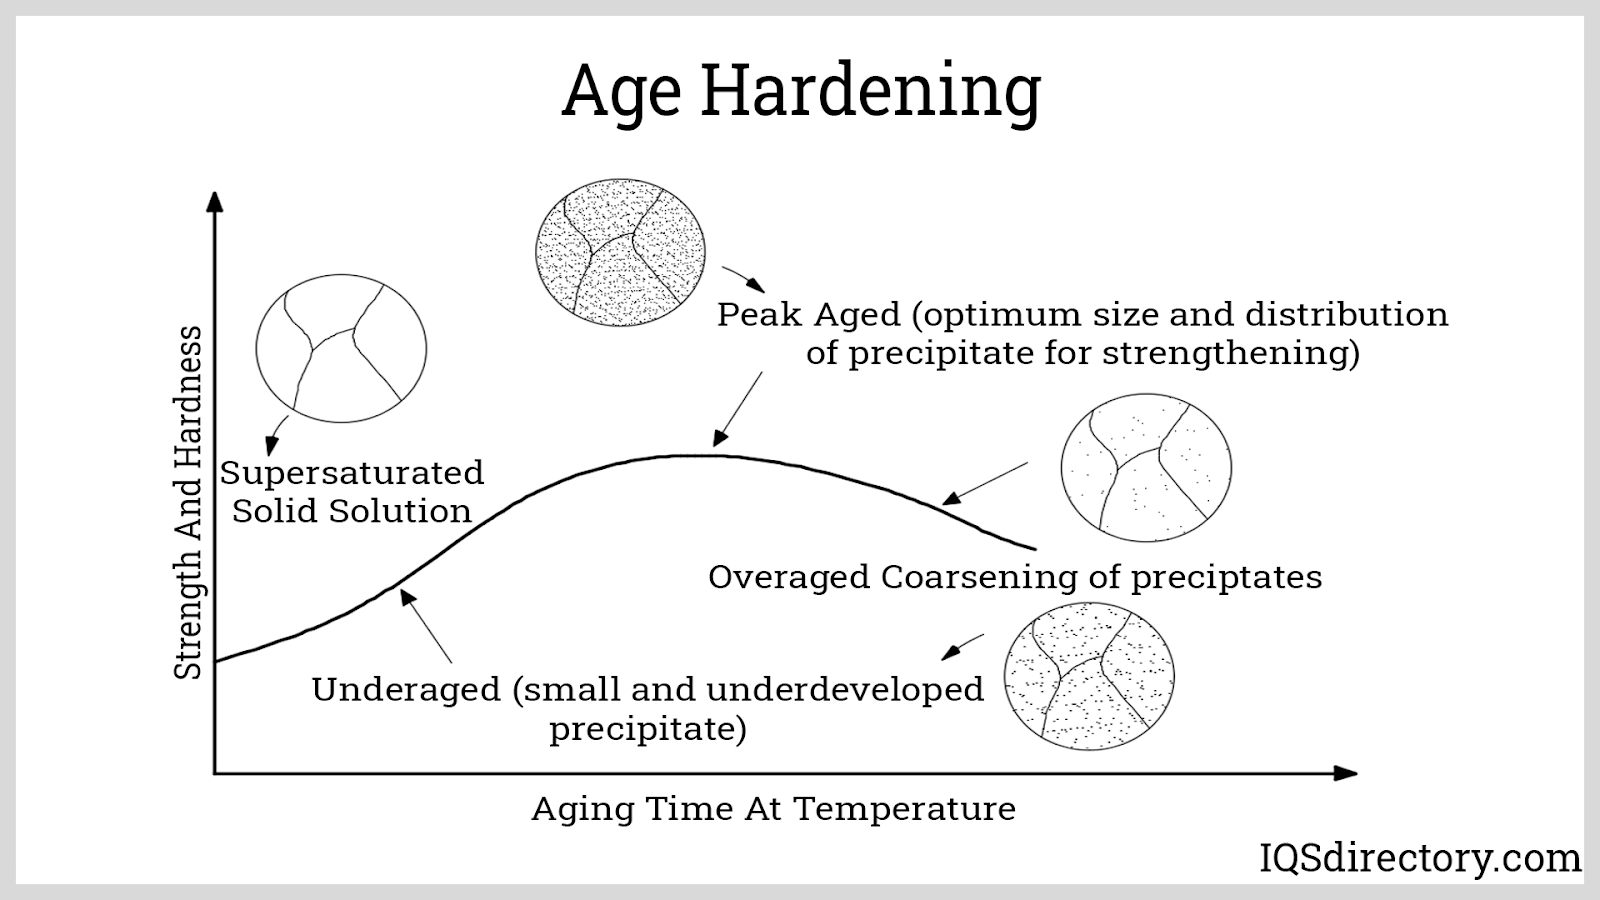 Age Hardening